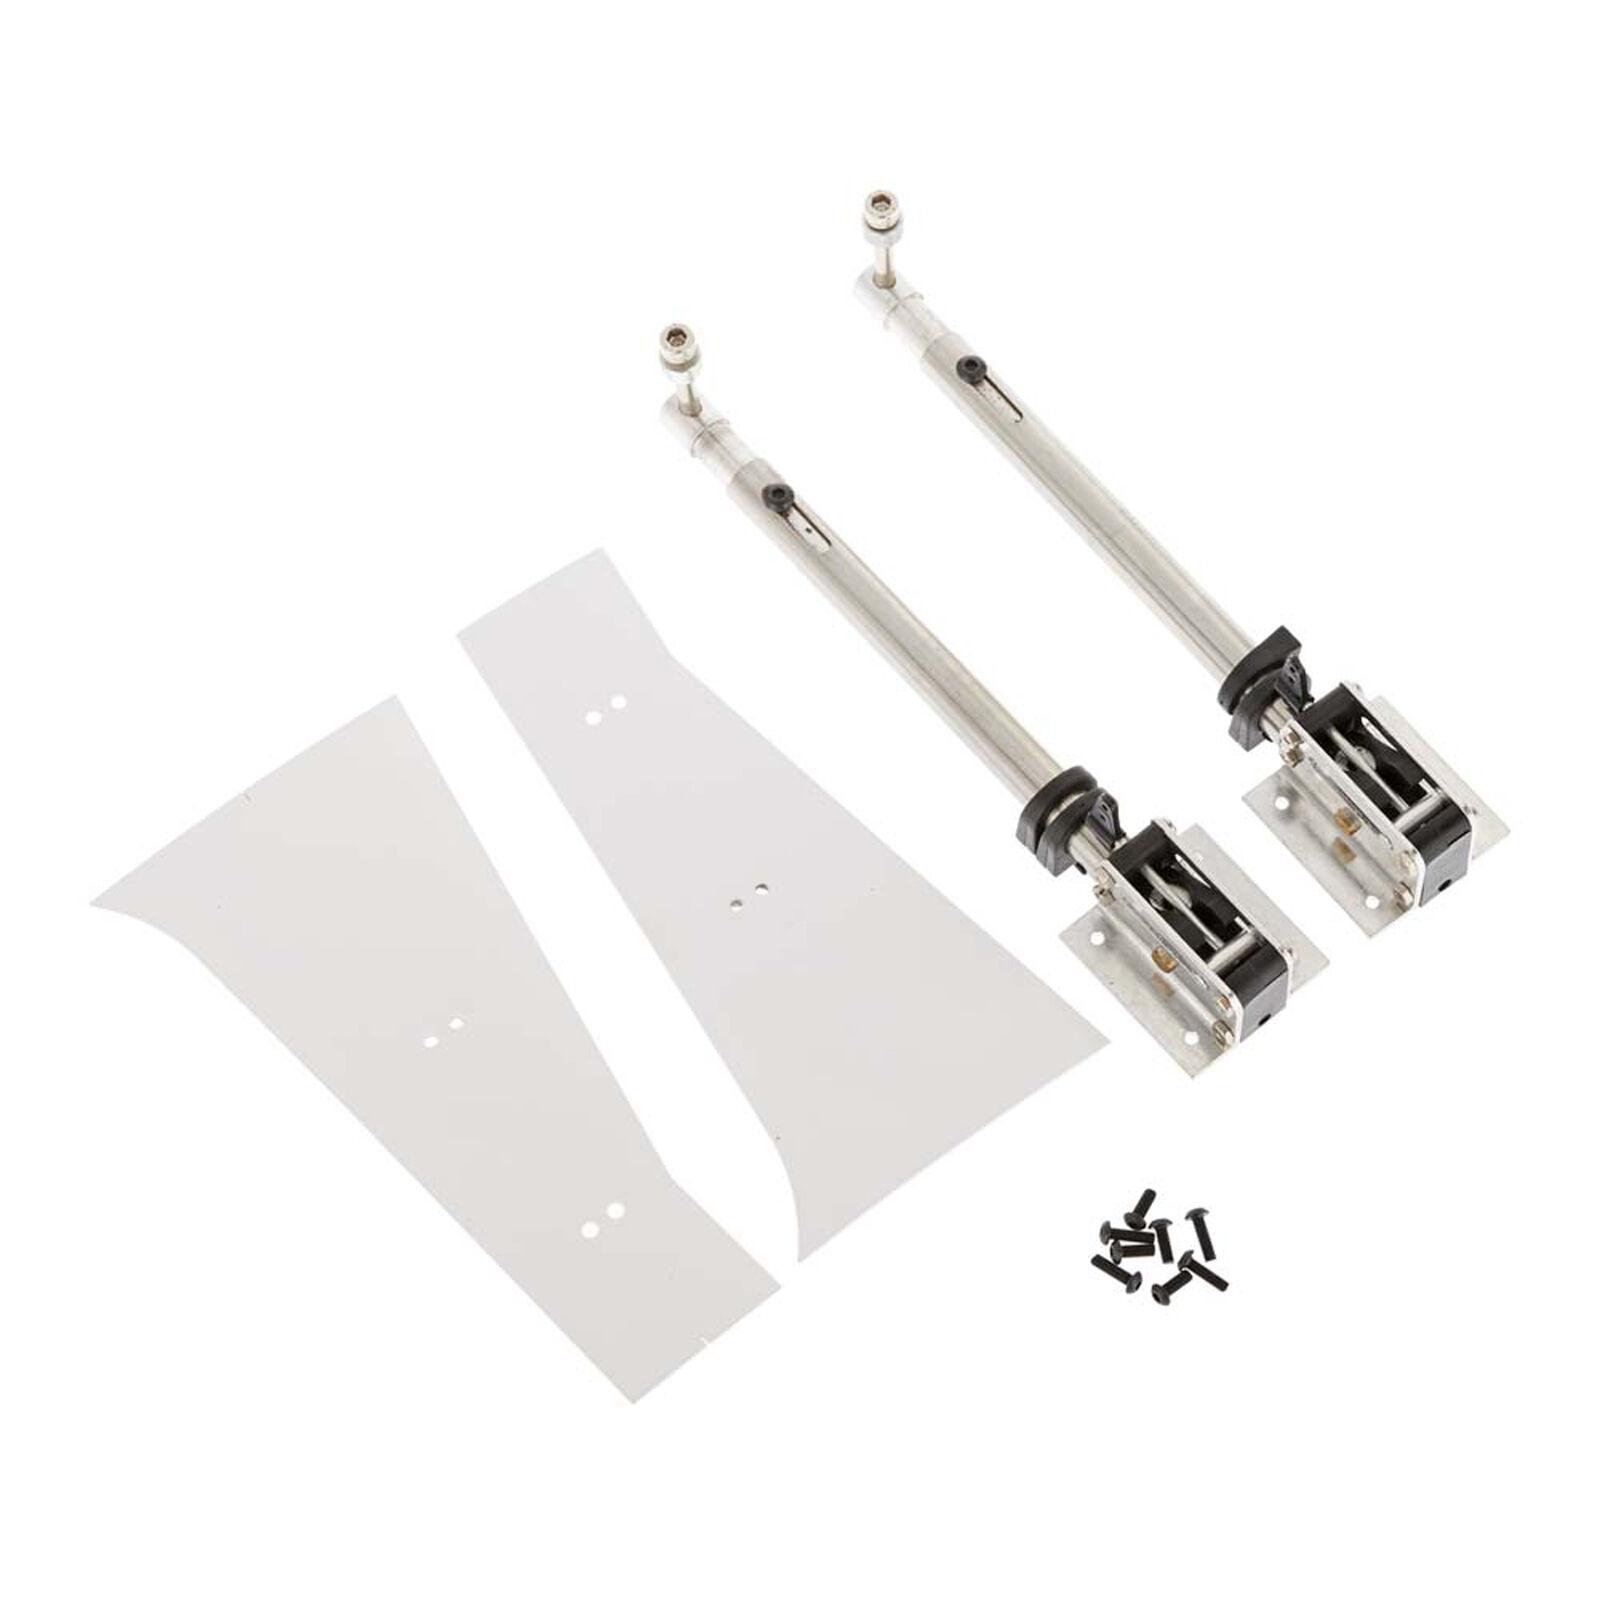 Retractable Landing Gear Strega 20-30cc E